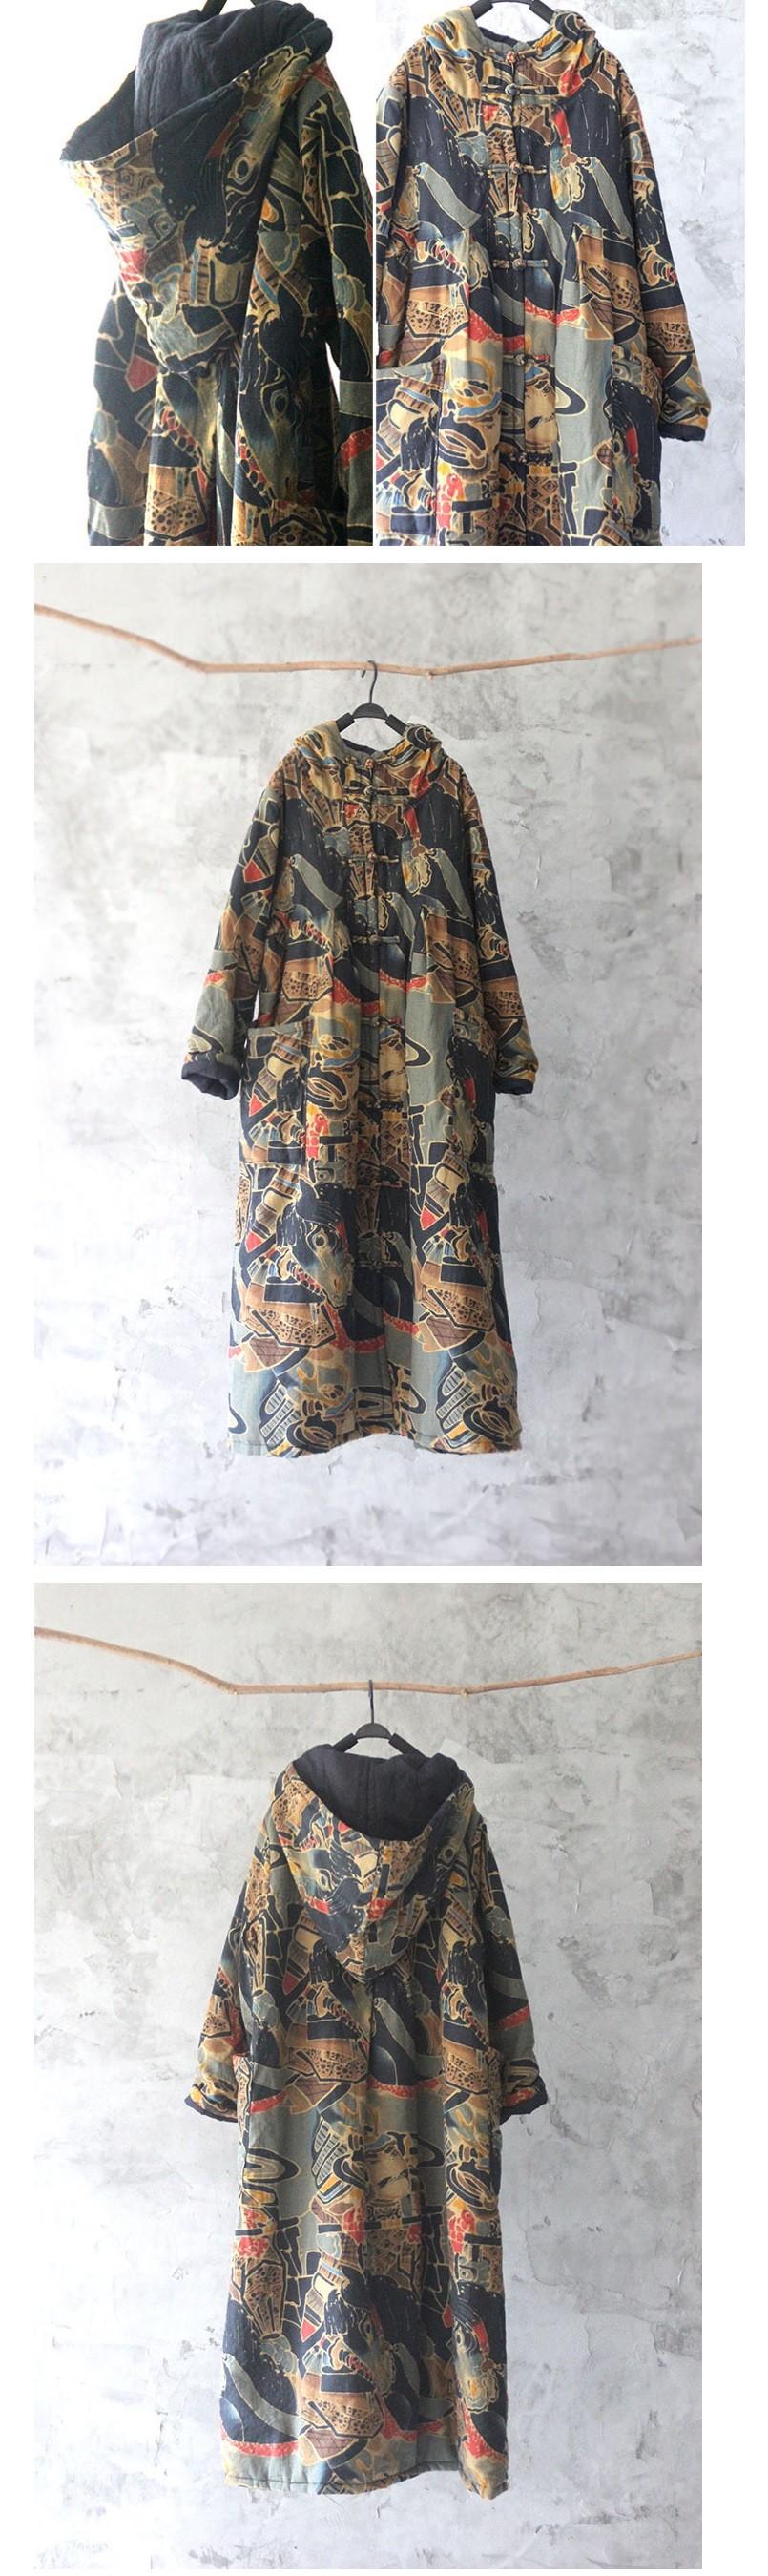 Скидки на Зимой 2016 новые продукты, высокого класса свободные большие ярдов вельвет женская оригинальный дизайн длинные хлопка мягкой одежды